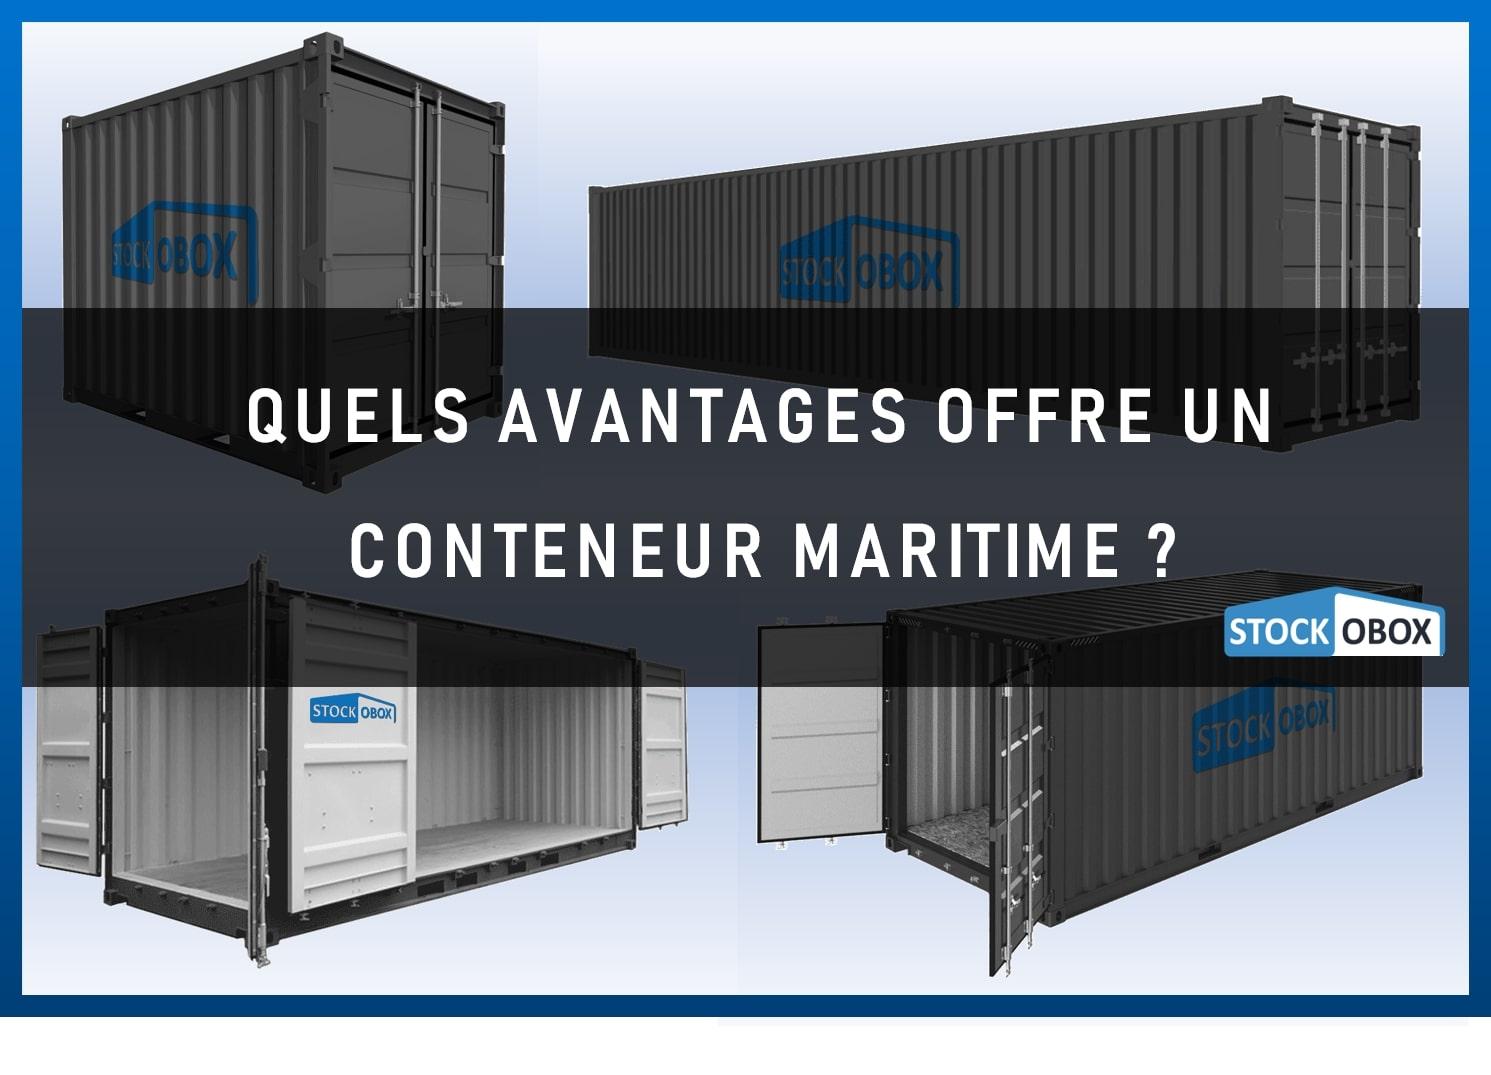 Quels avantages offre un conteneur maritime ?